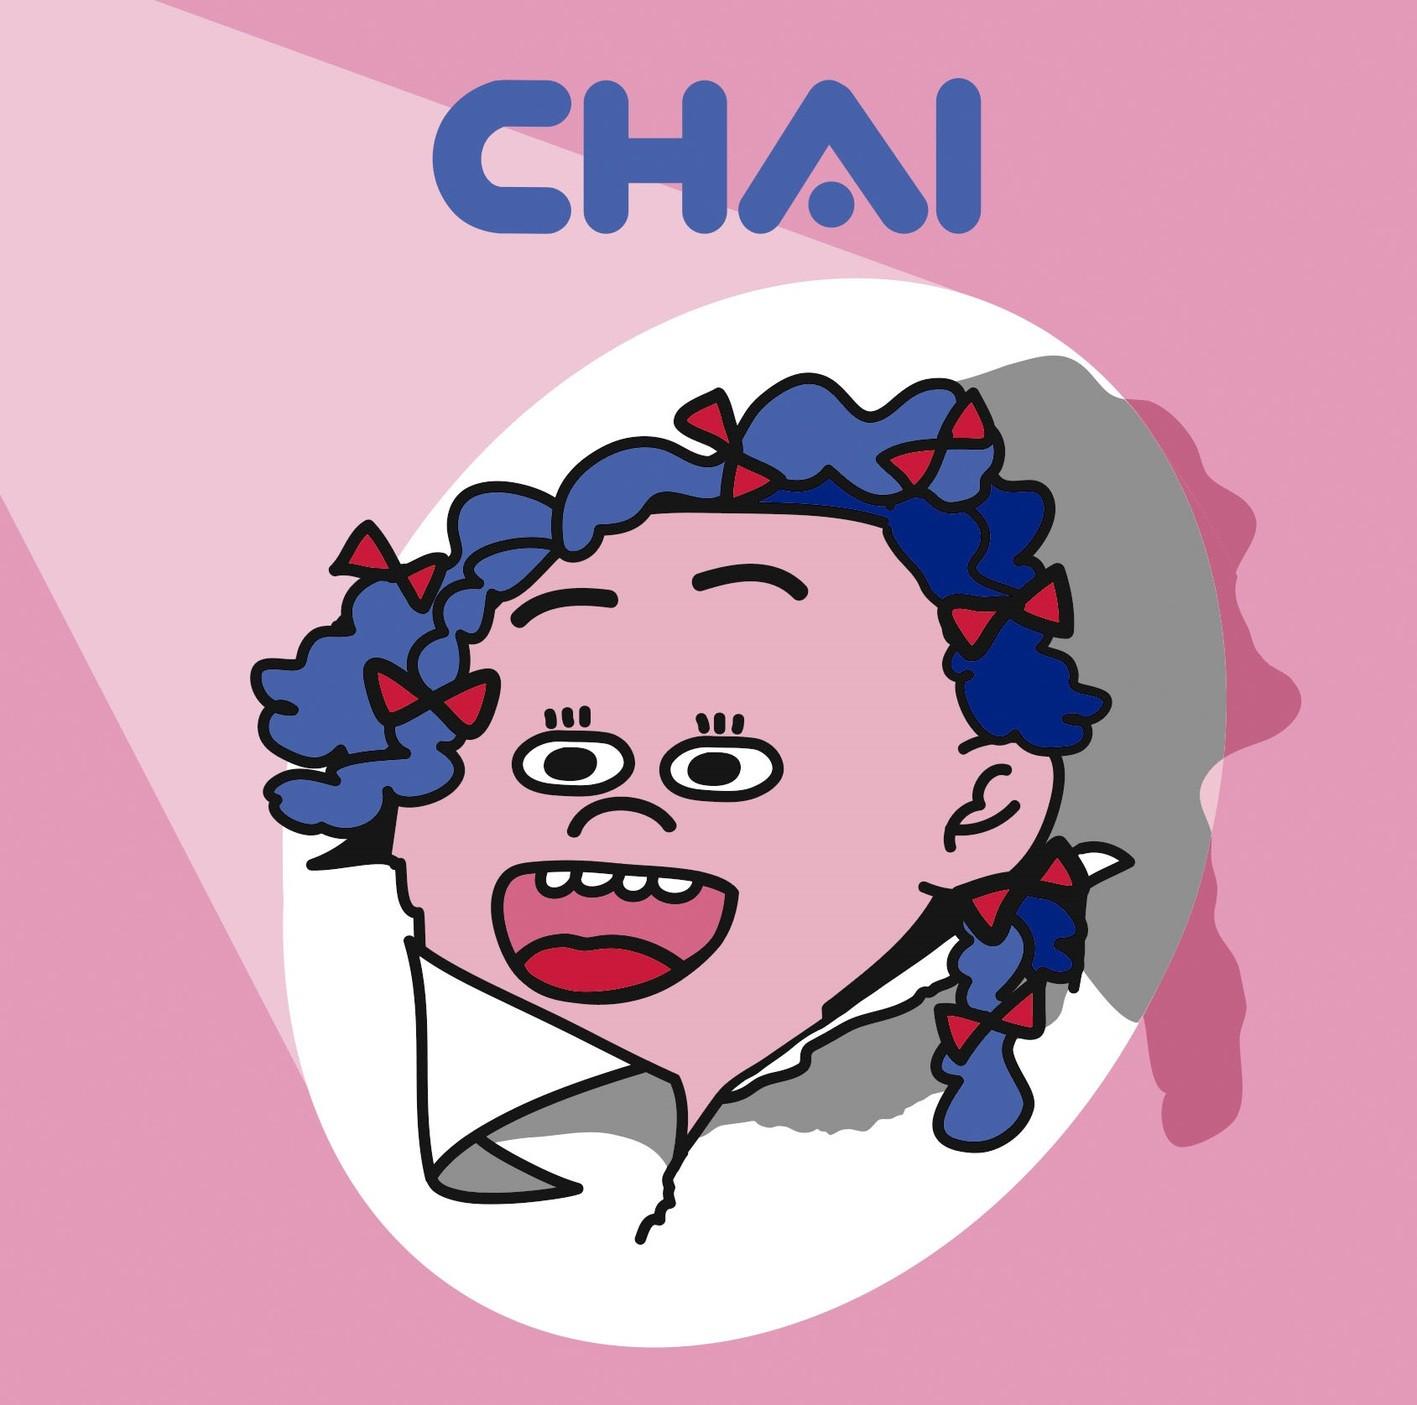 CHAI – Punk [FLAC + MP3 VBR / WEB] [2019.02.13]